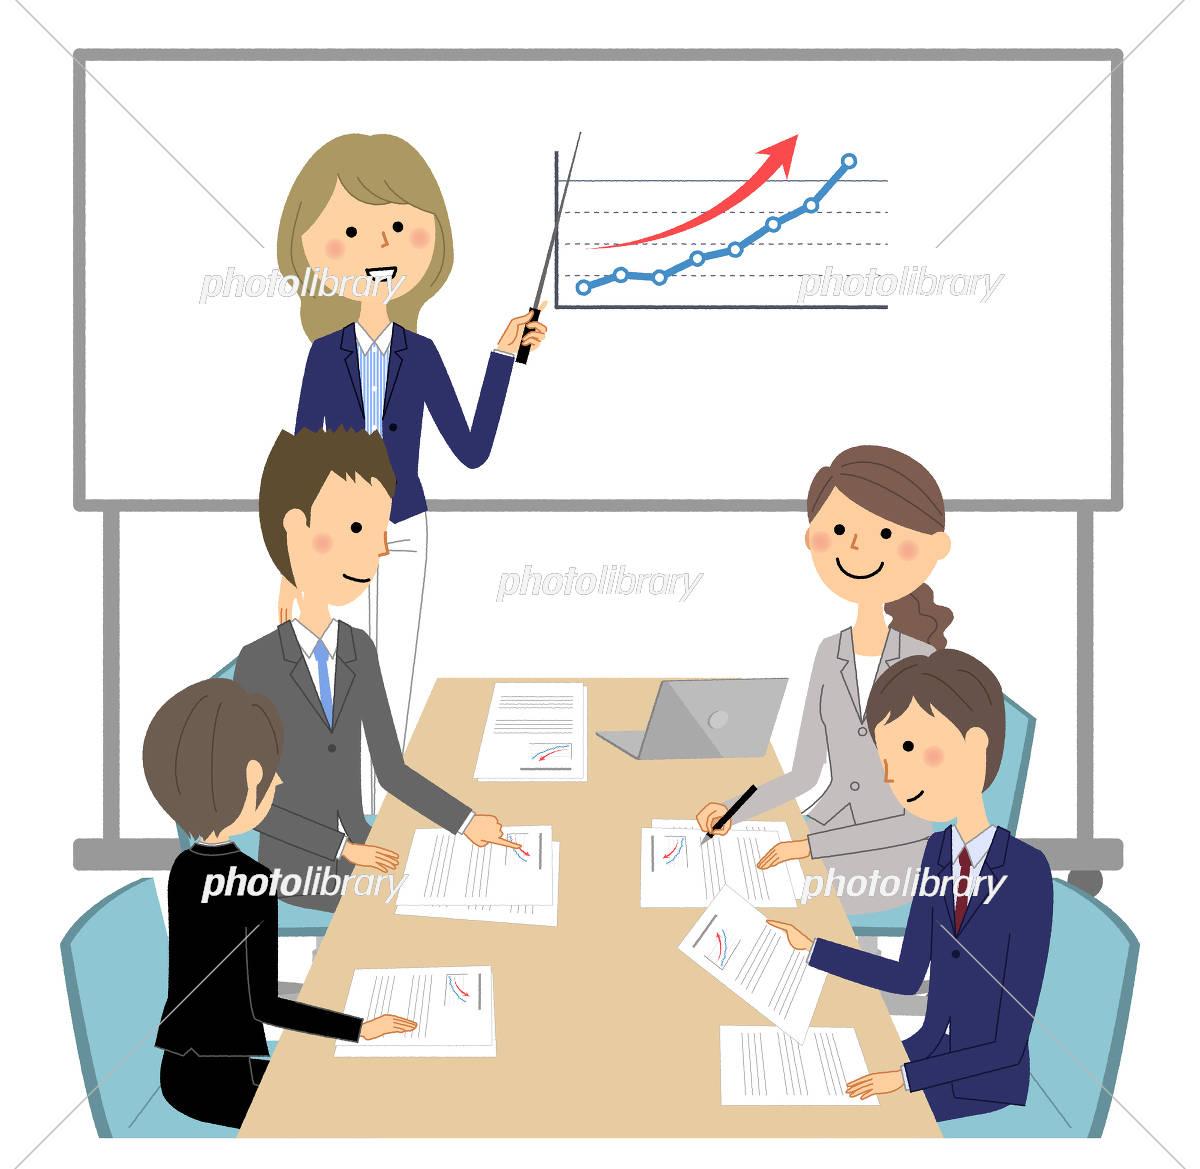 ビジネスシーン 会議 イラスト素材 5450228 フォトライブラリー